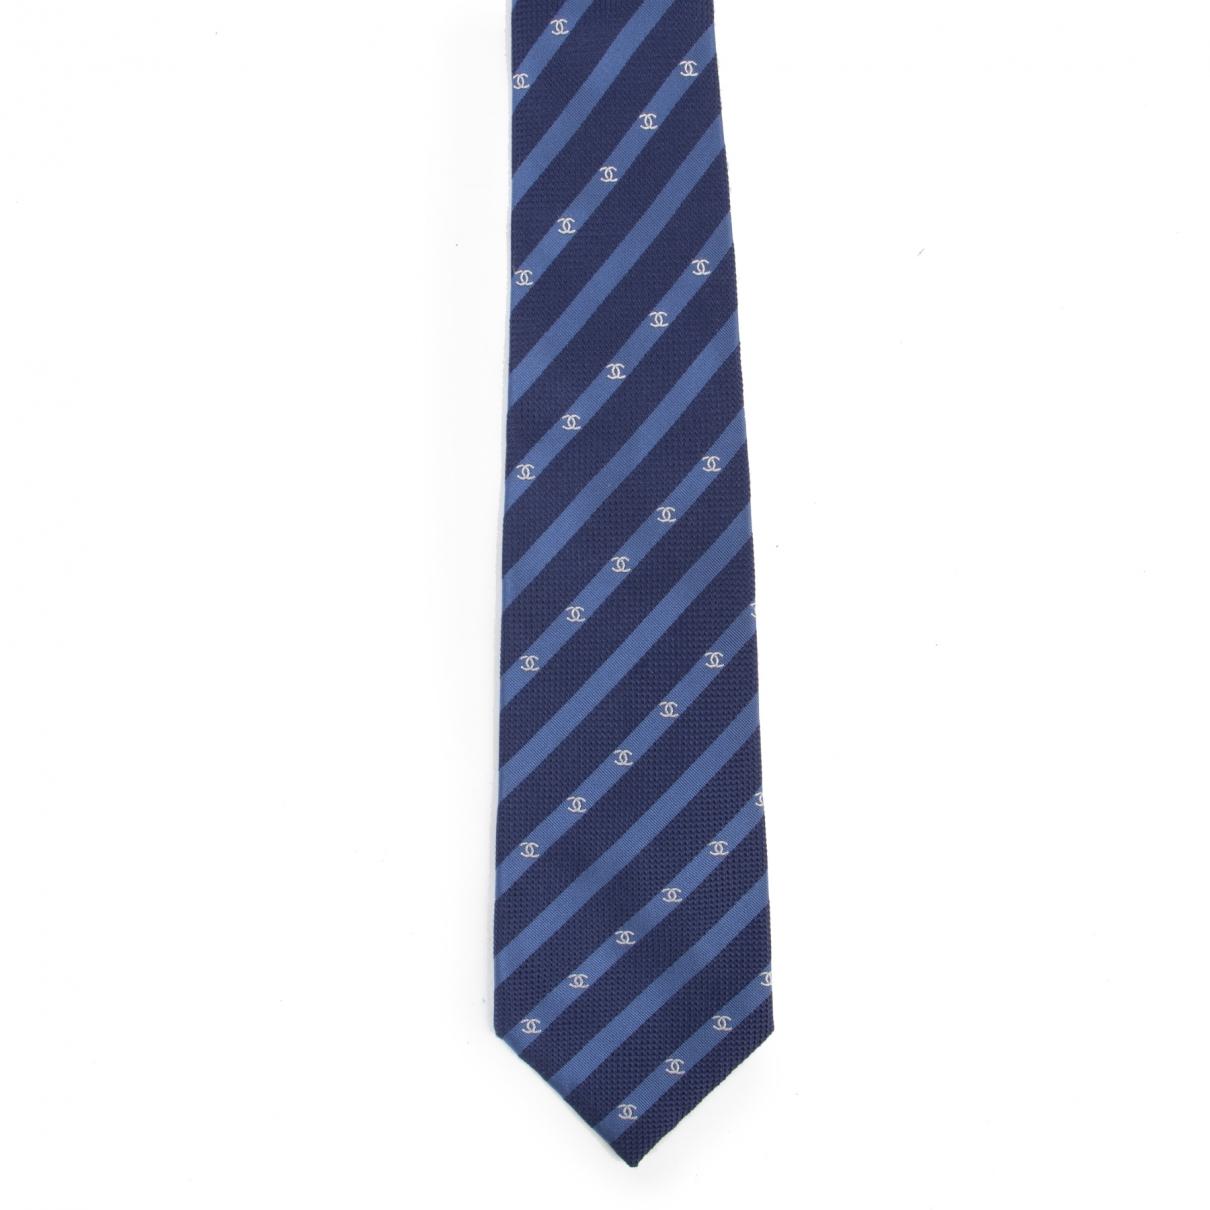 Chanel \N Blue Ties for Men \N